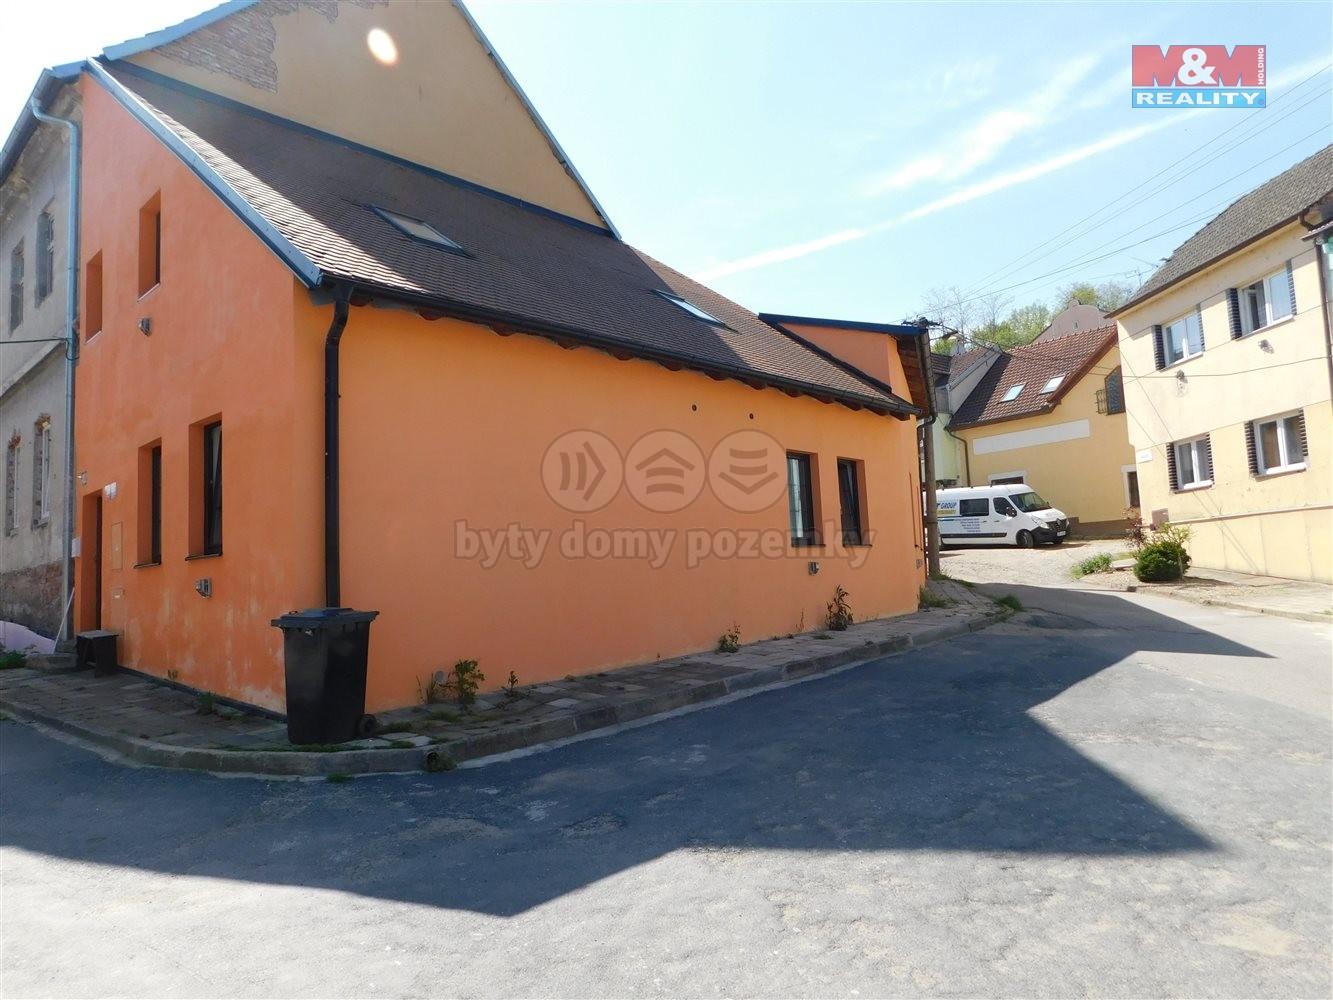 Prodej, rodinný dům, 5+kk, 125 m2, Dolní Kounice